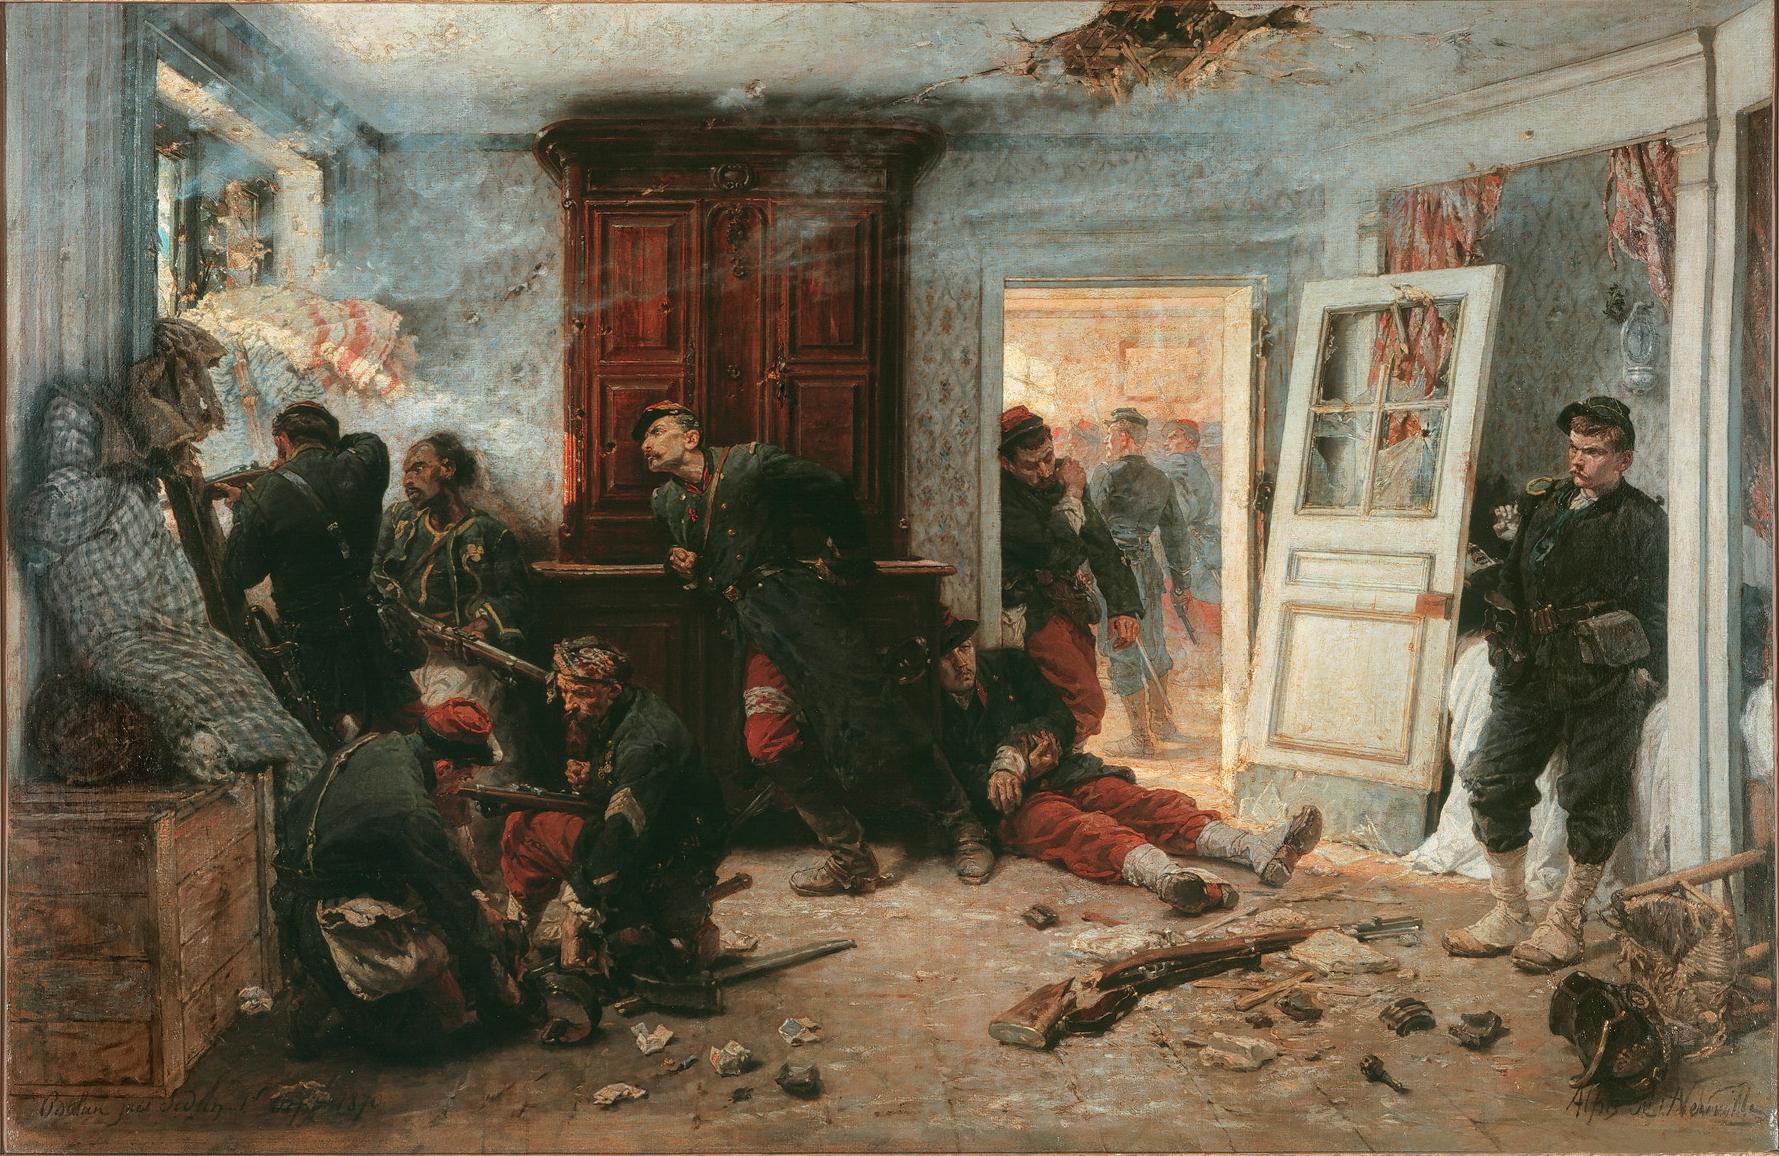 Alphonse-Marie-Adolphe_de_Neuville_-_Les_dernières_cartouches_(1873)